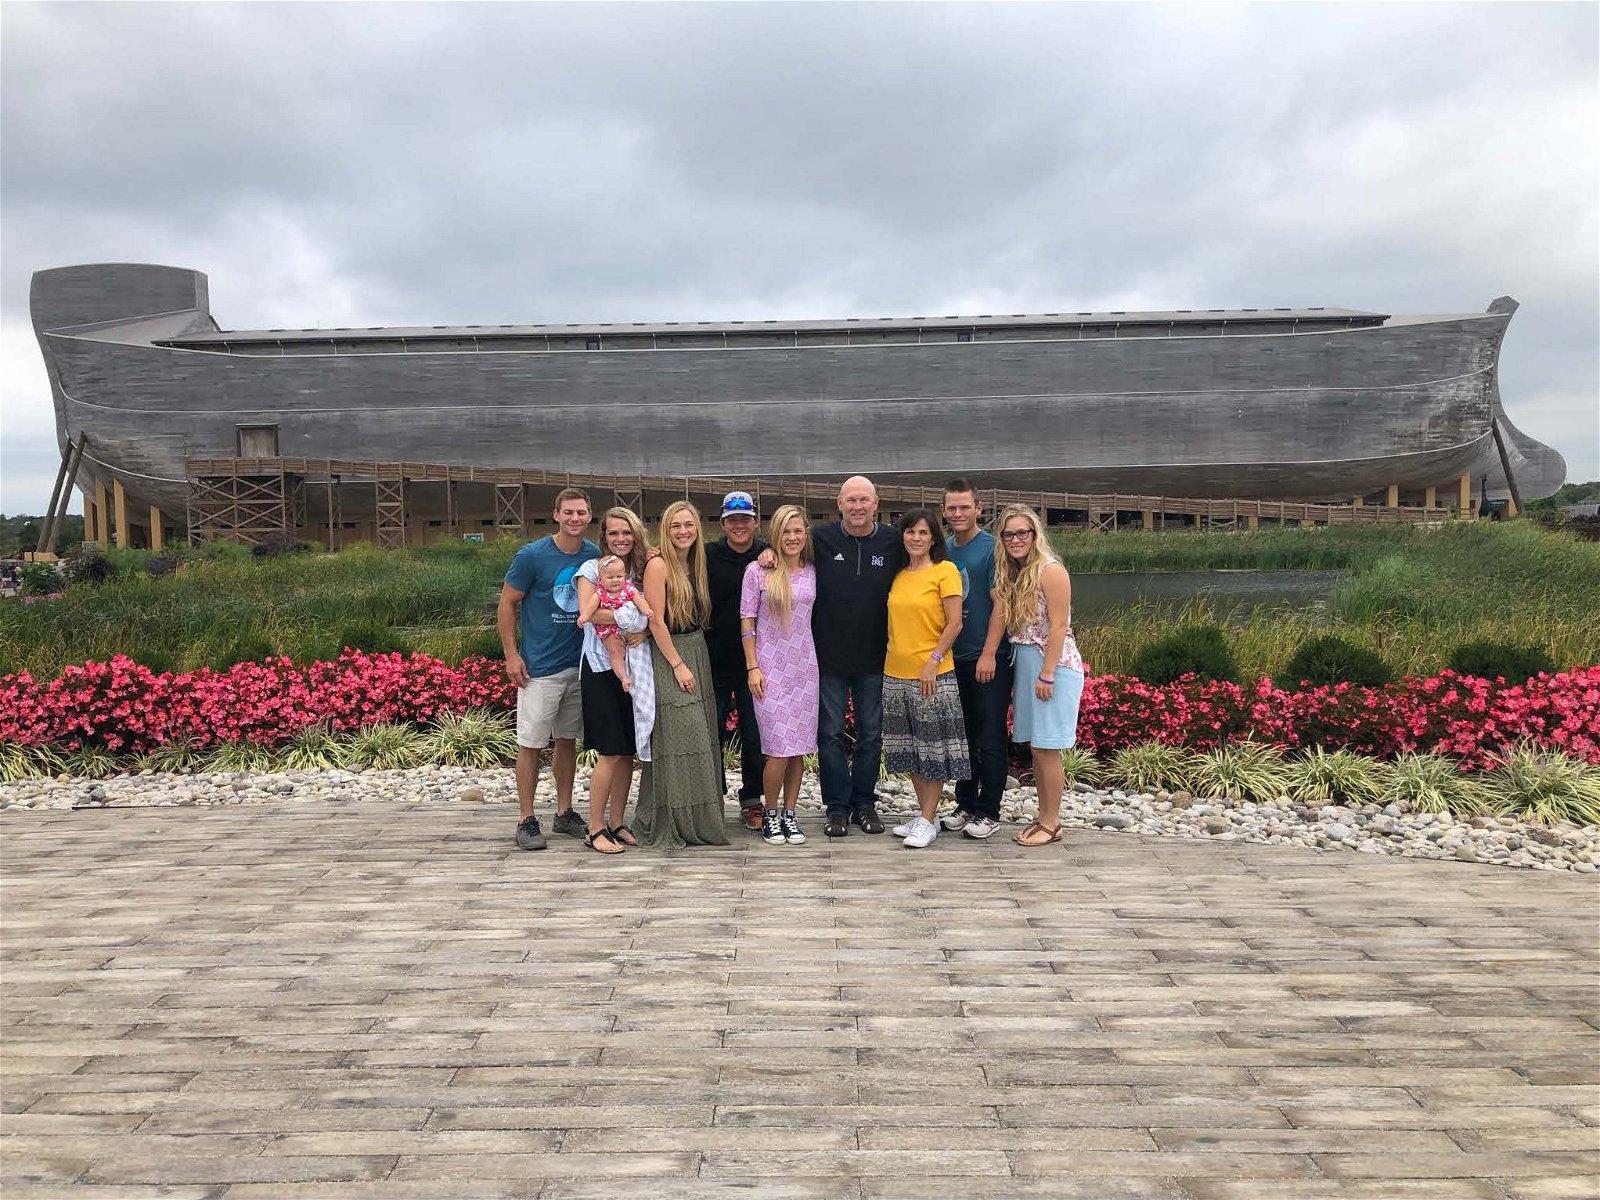 Kingery Family at the Ark